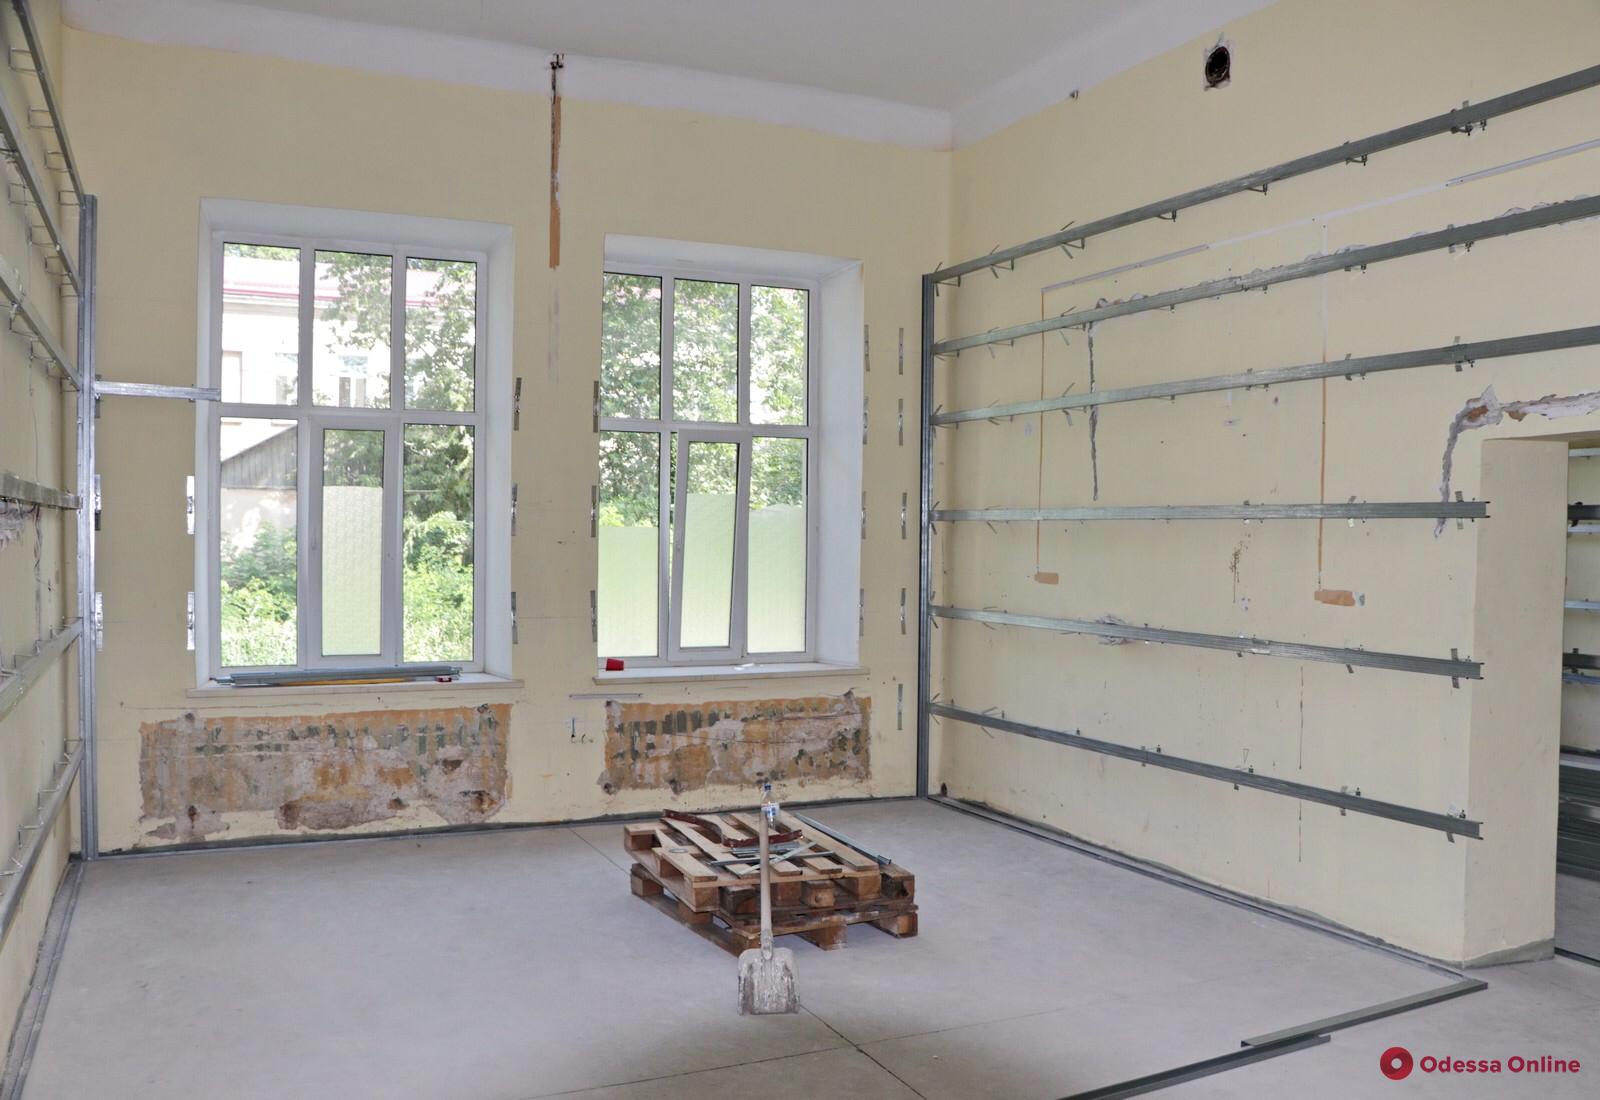 Одесса: в Еврейской больнице идет капремонт